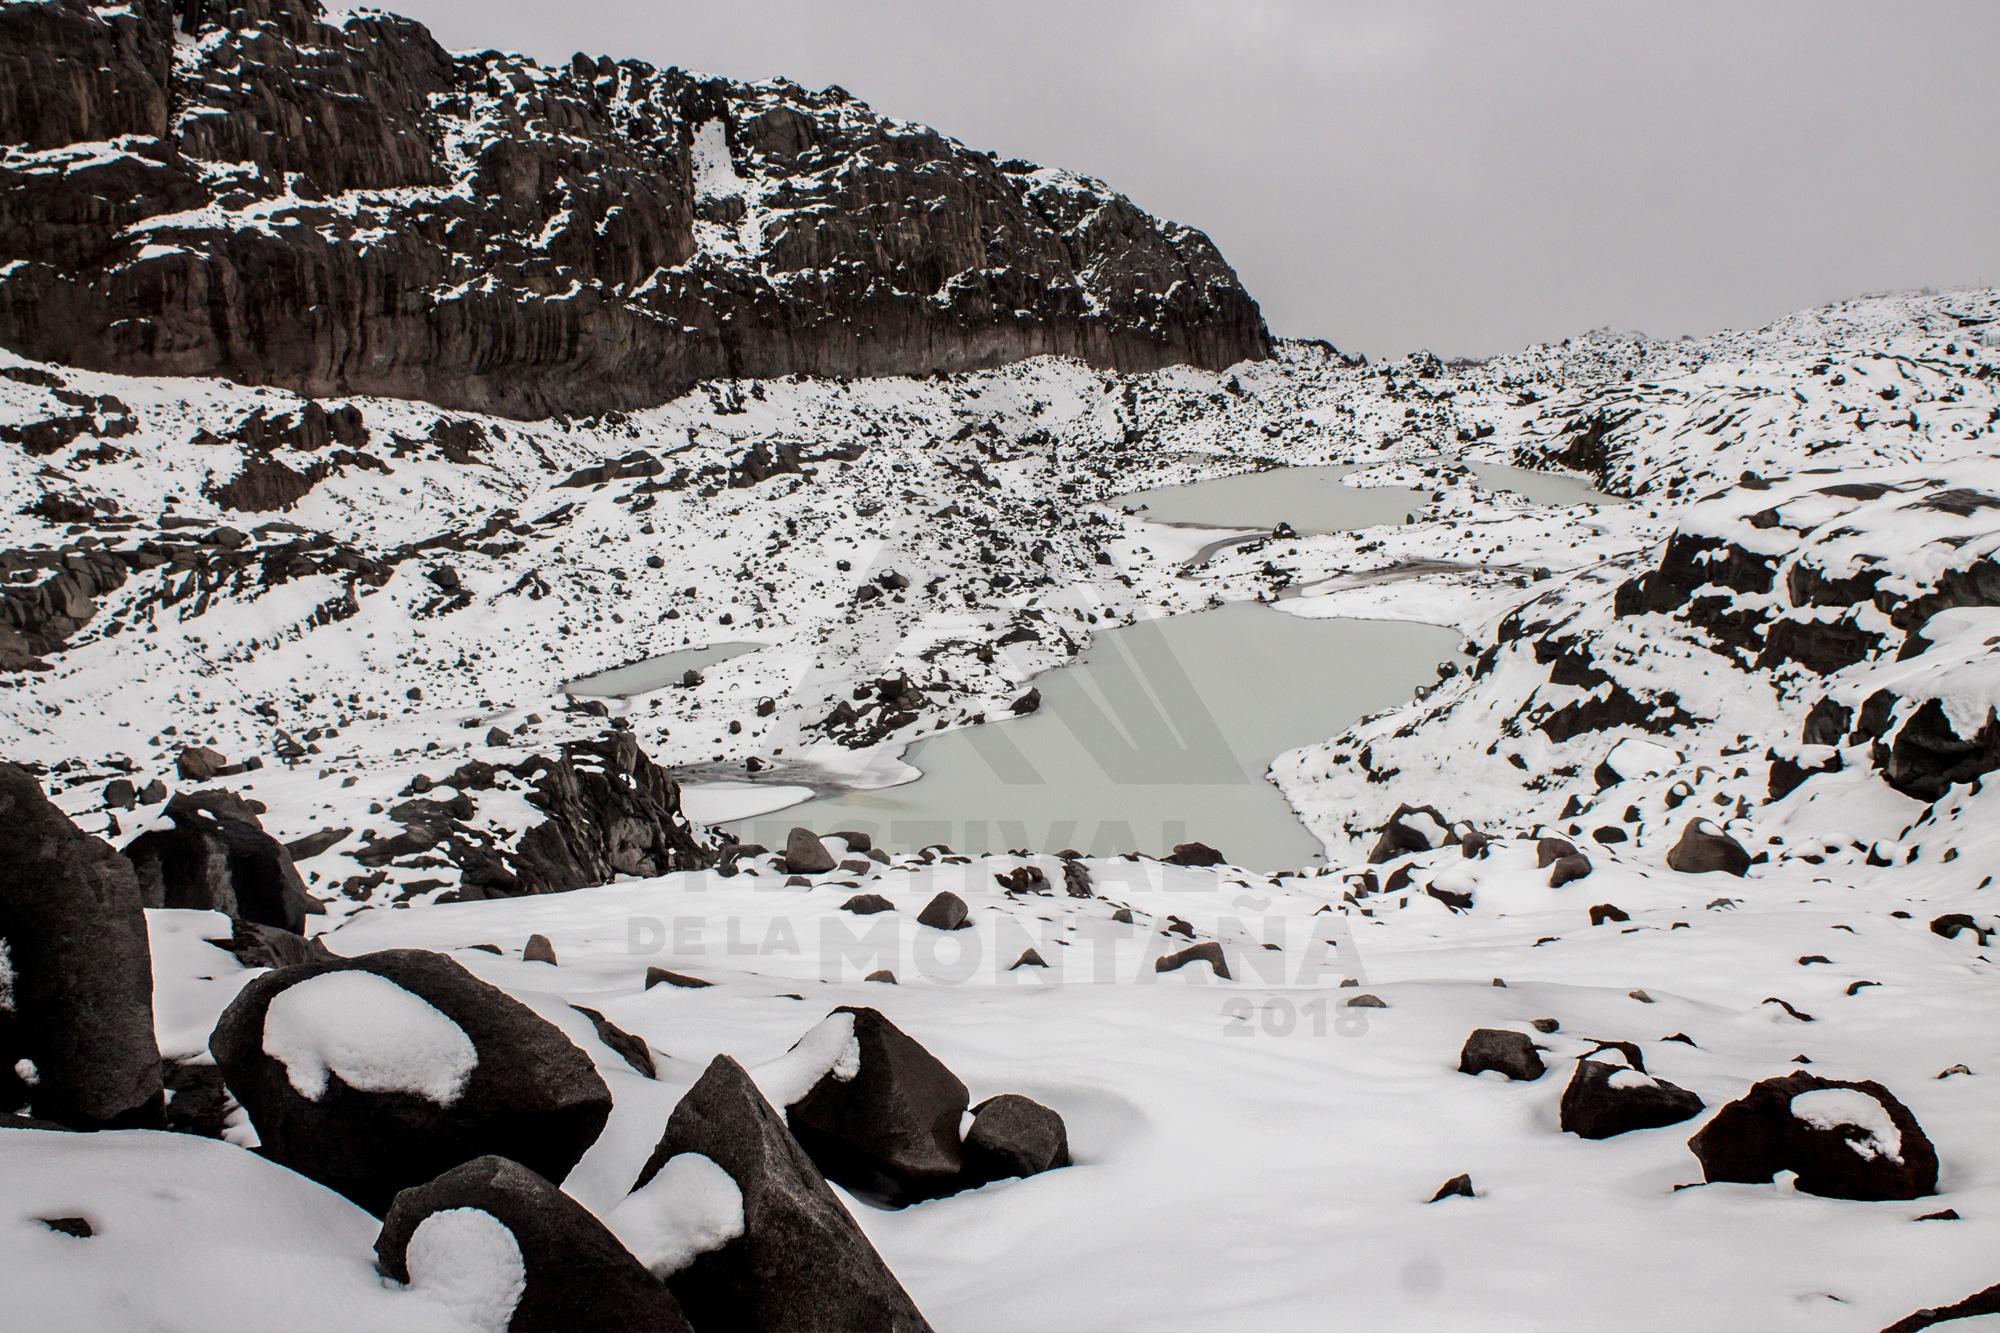 8. Yuly Plaza – Deshielo progresivo, nieve, agua y roca